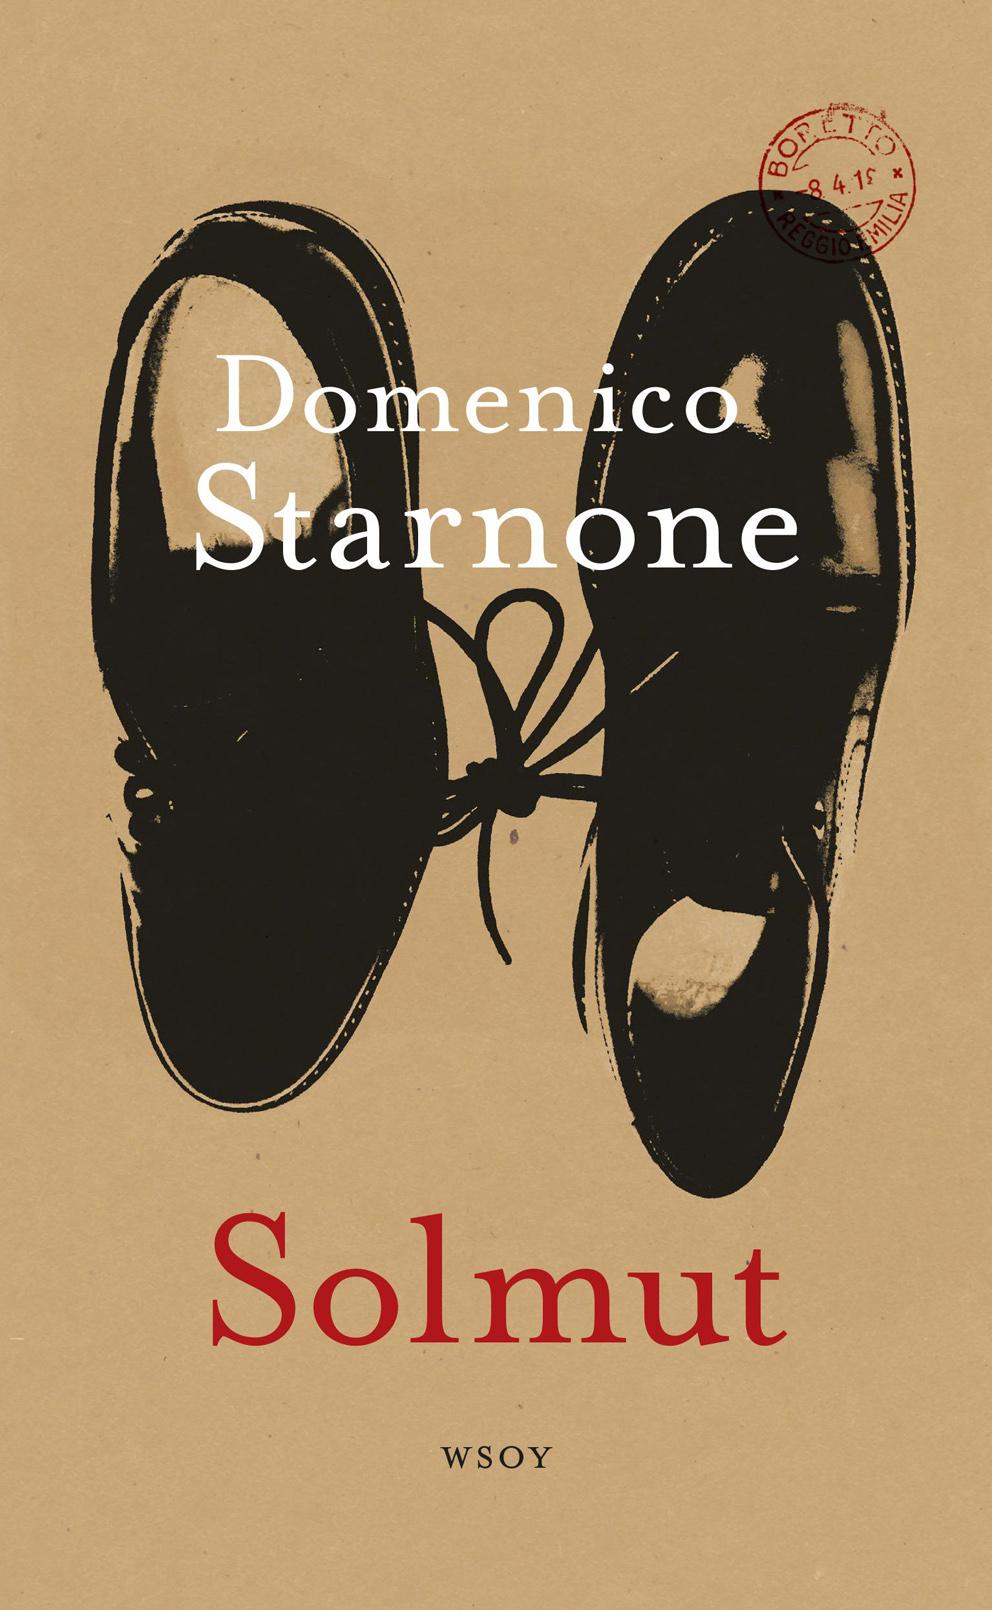 Domenico Starnone: Solmut, käännös Leena Taavitsainen-Petäjä